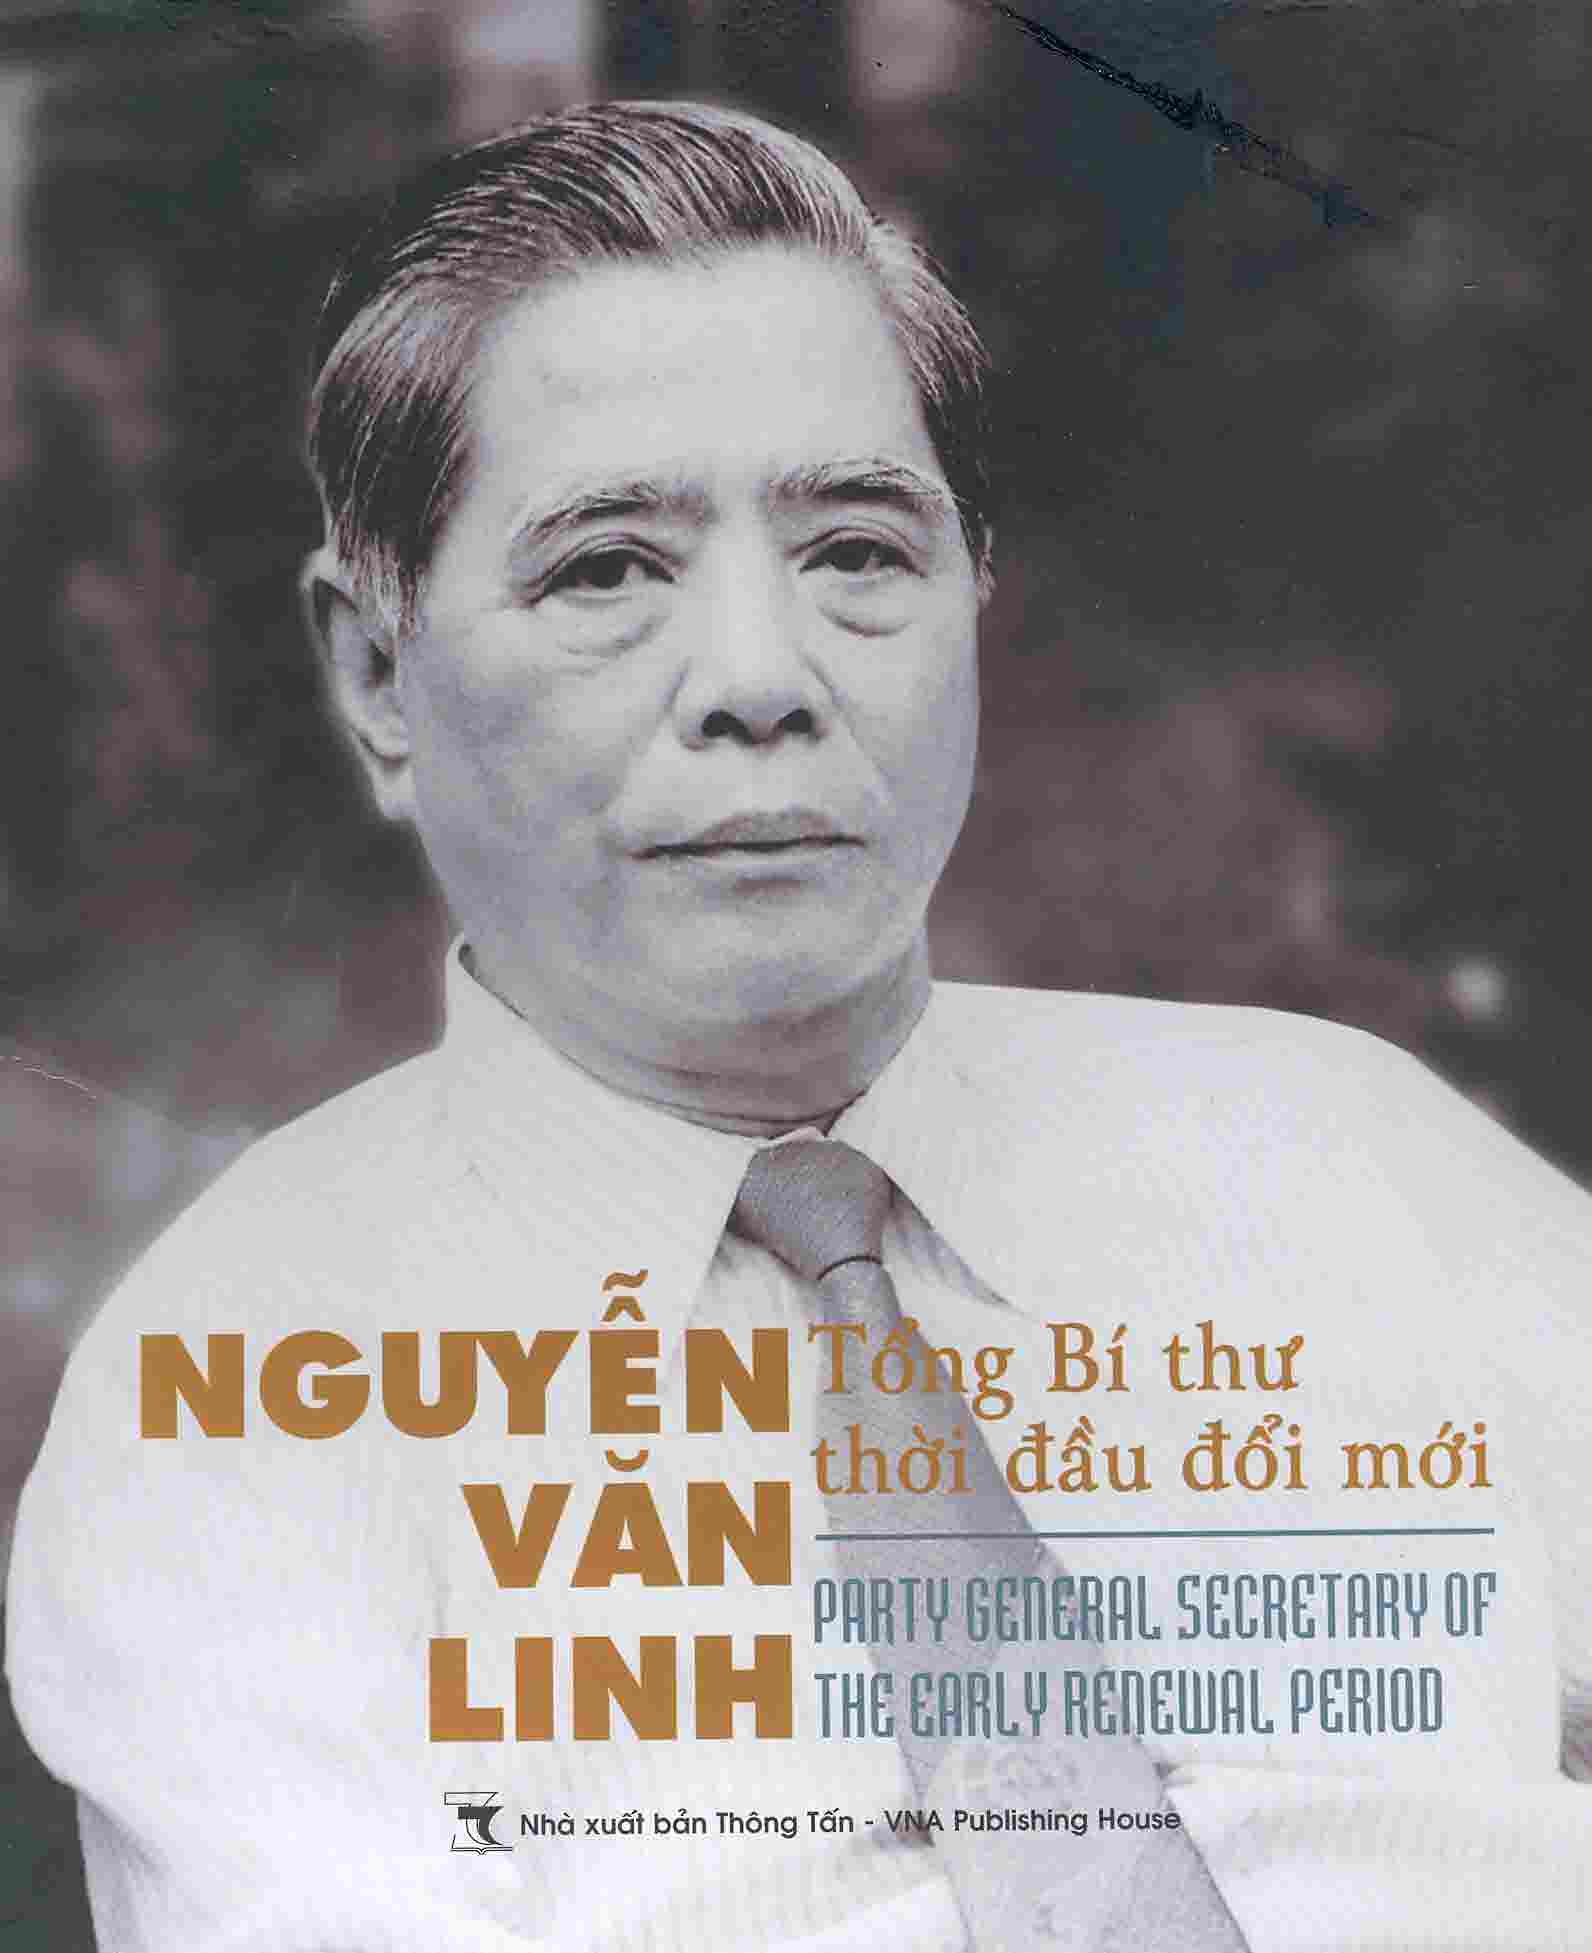 Đồng chí Nguyến Văn Linh - Cố Tổng Bí thư Đảng Cộng sản Việt Nam